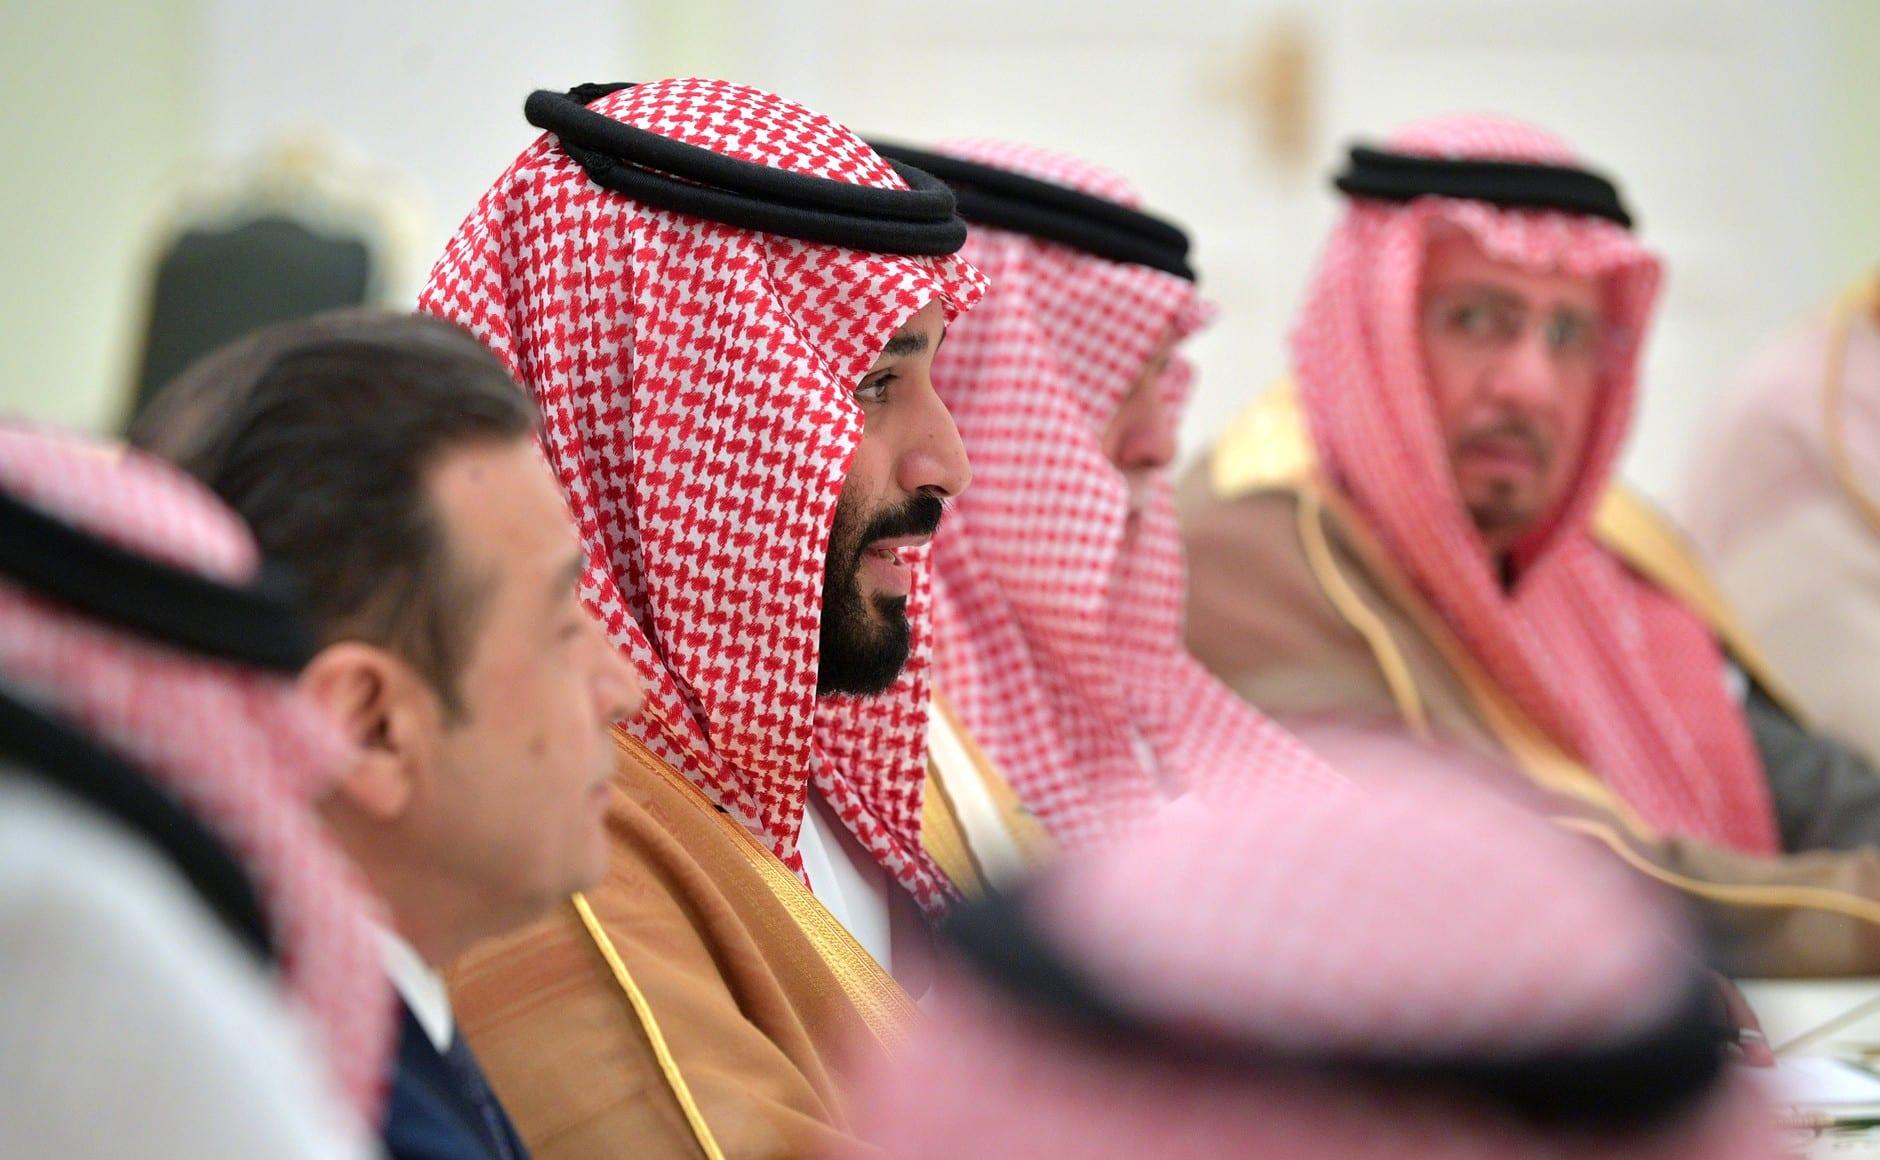 L'Arabia Saudita mette le mani su EA, Take-two e Activision Blizard